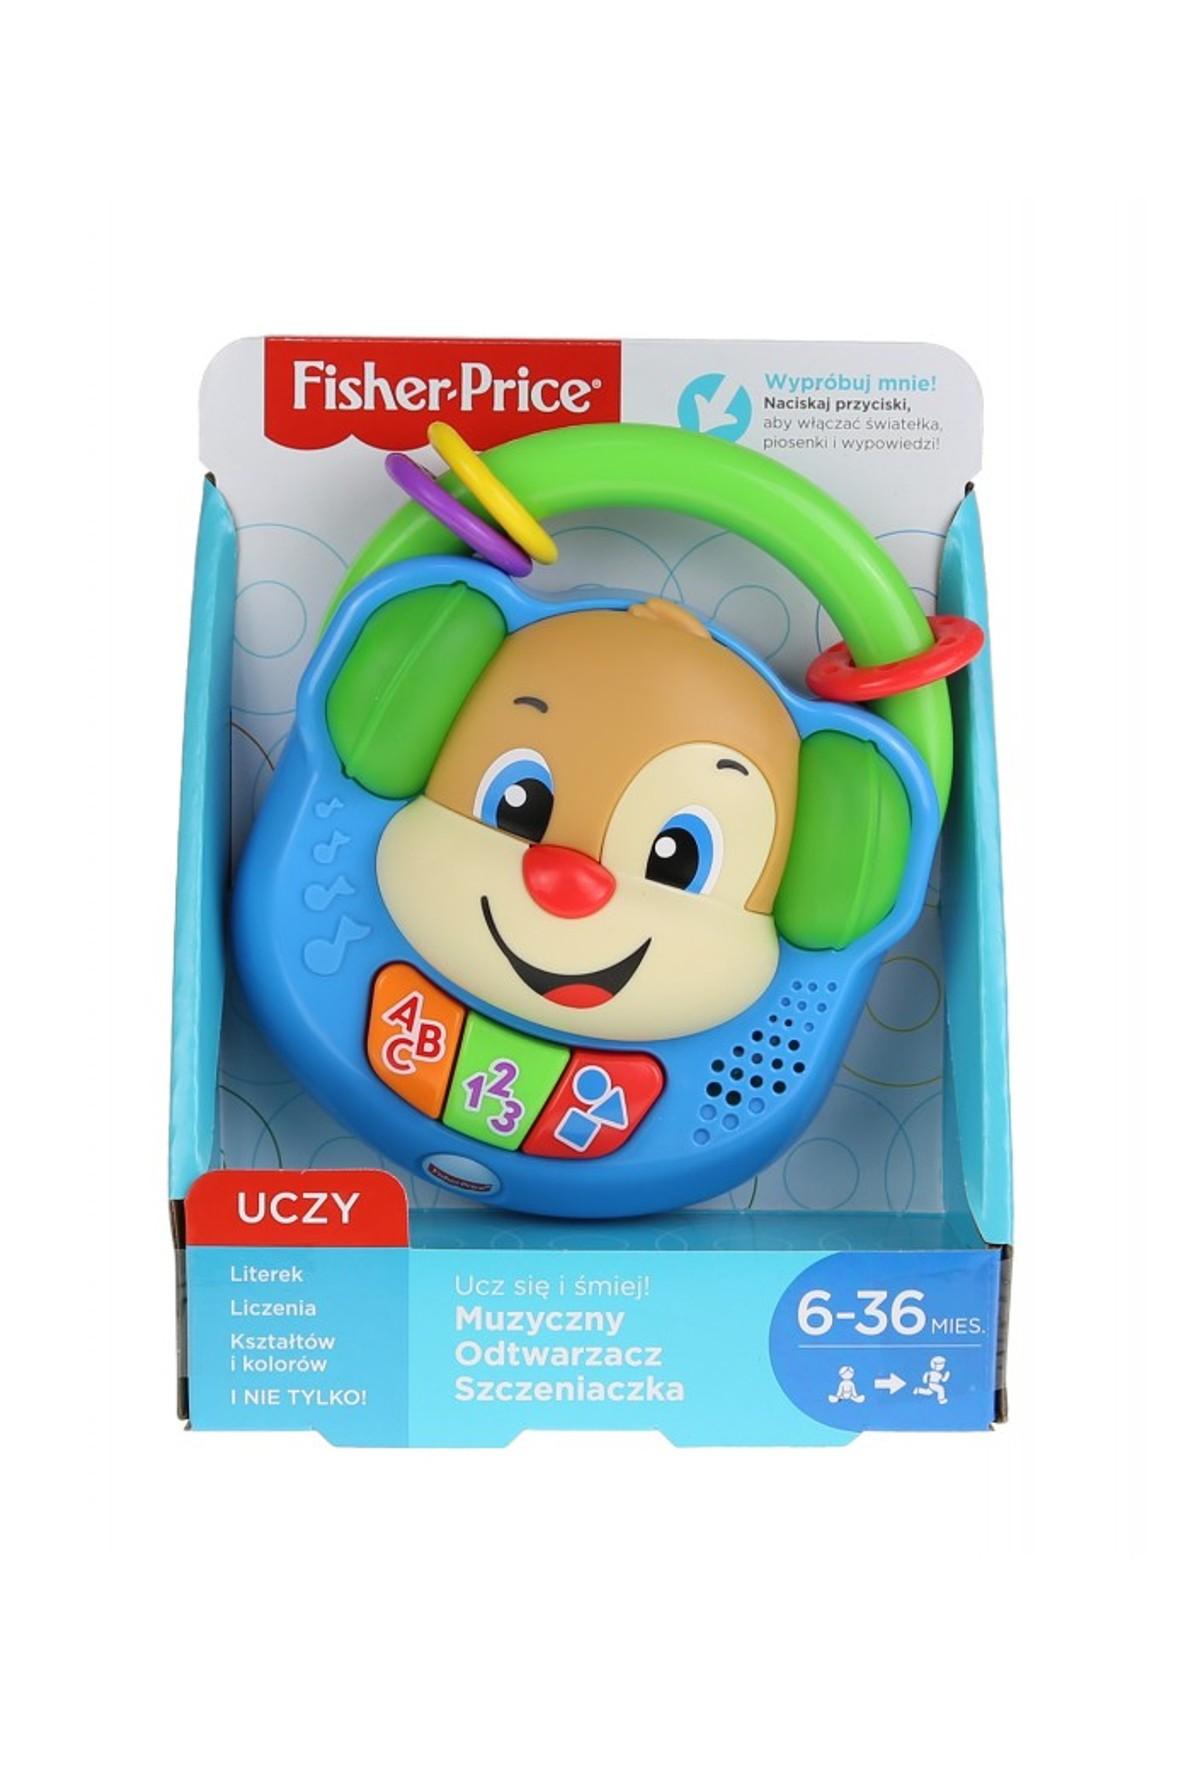 Fisher Price Muzyczny odtwarzacz Szczeniaczka 6msc+